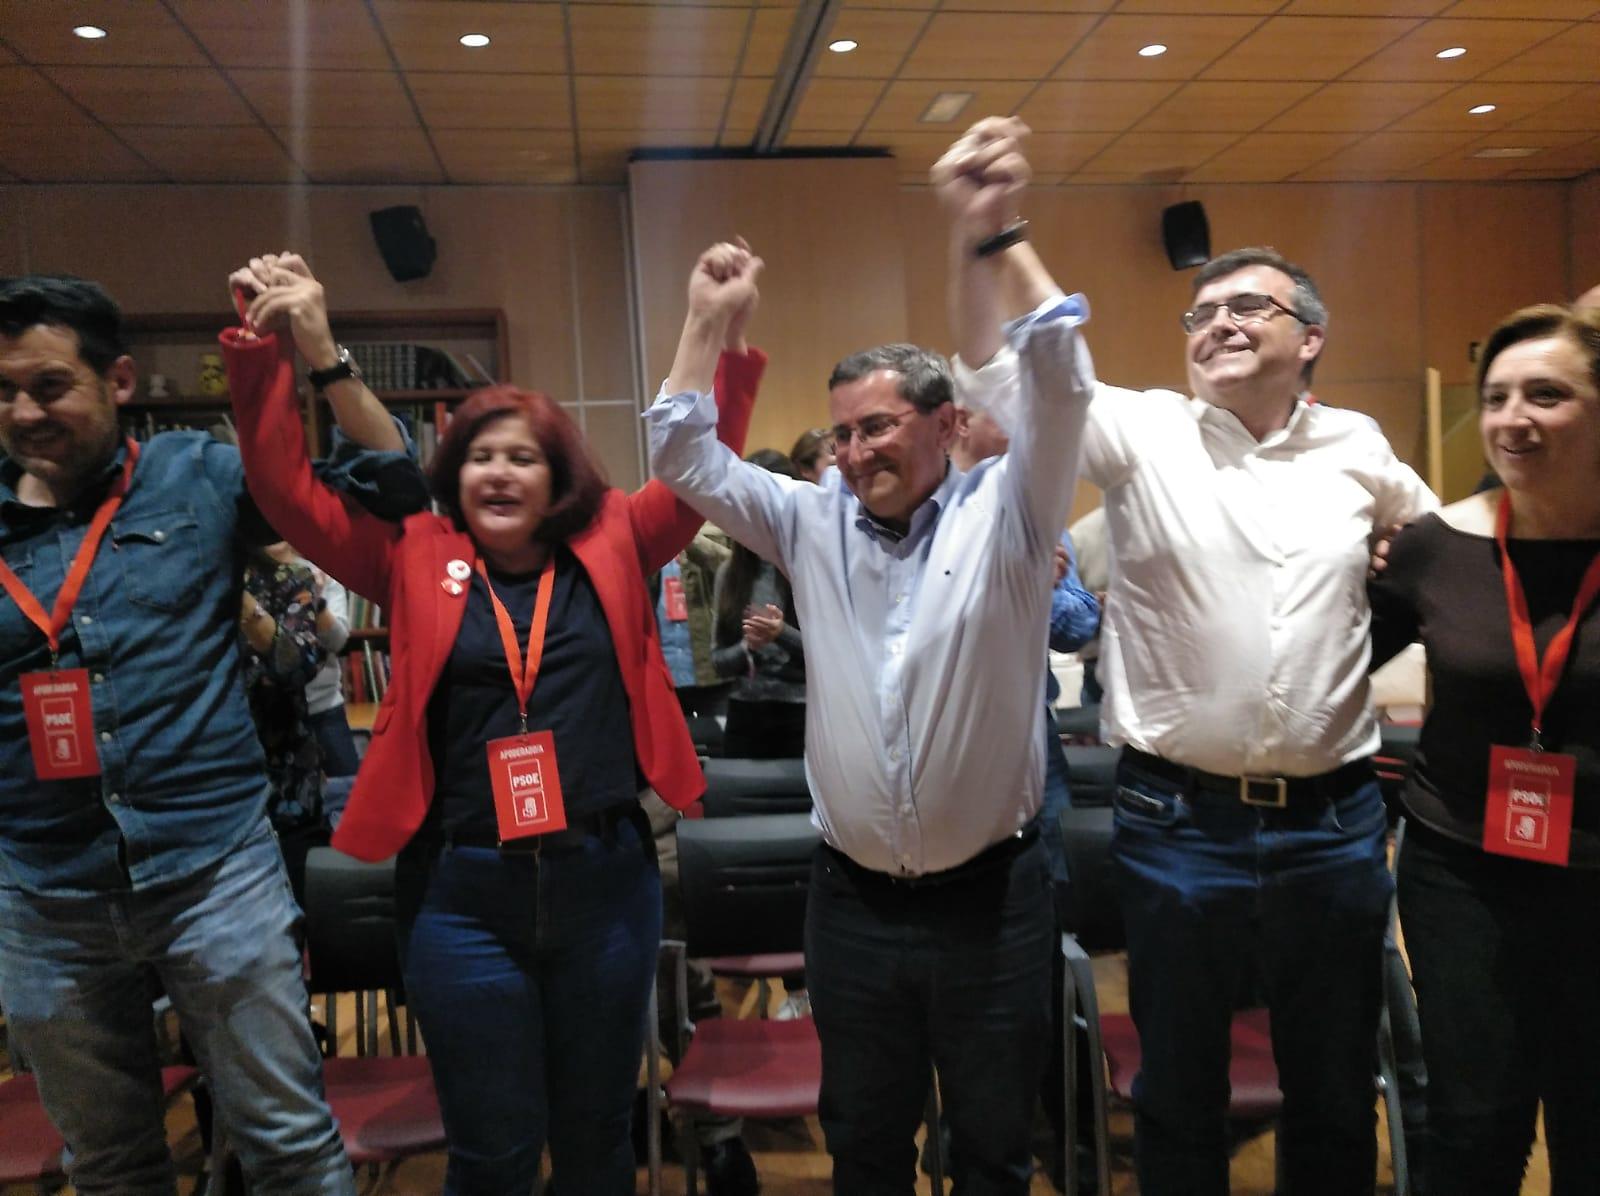 #28A: Los socialistas ganan las elecciones en todos los municipios de más de 20.000 habitantes y Cs se refuerza